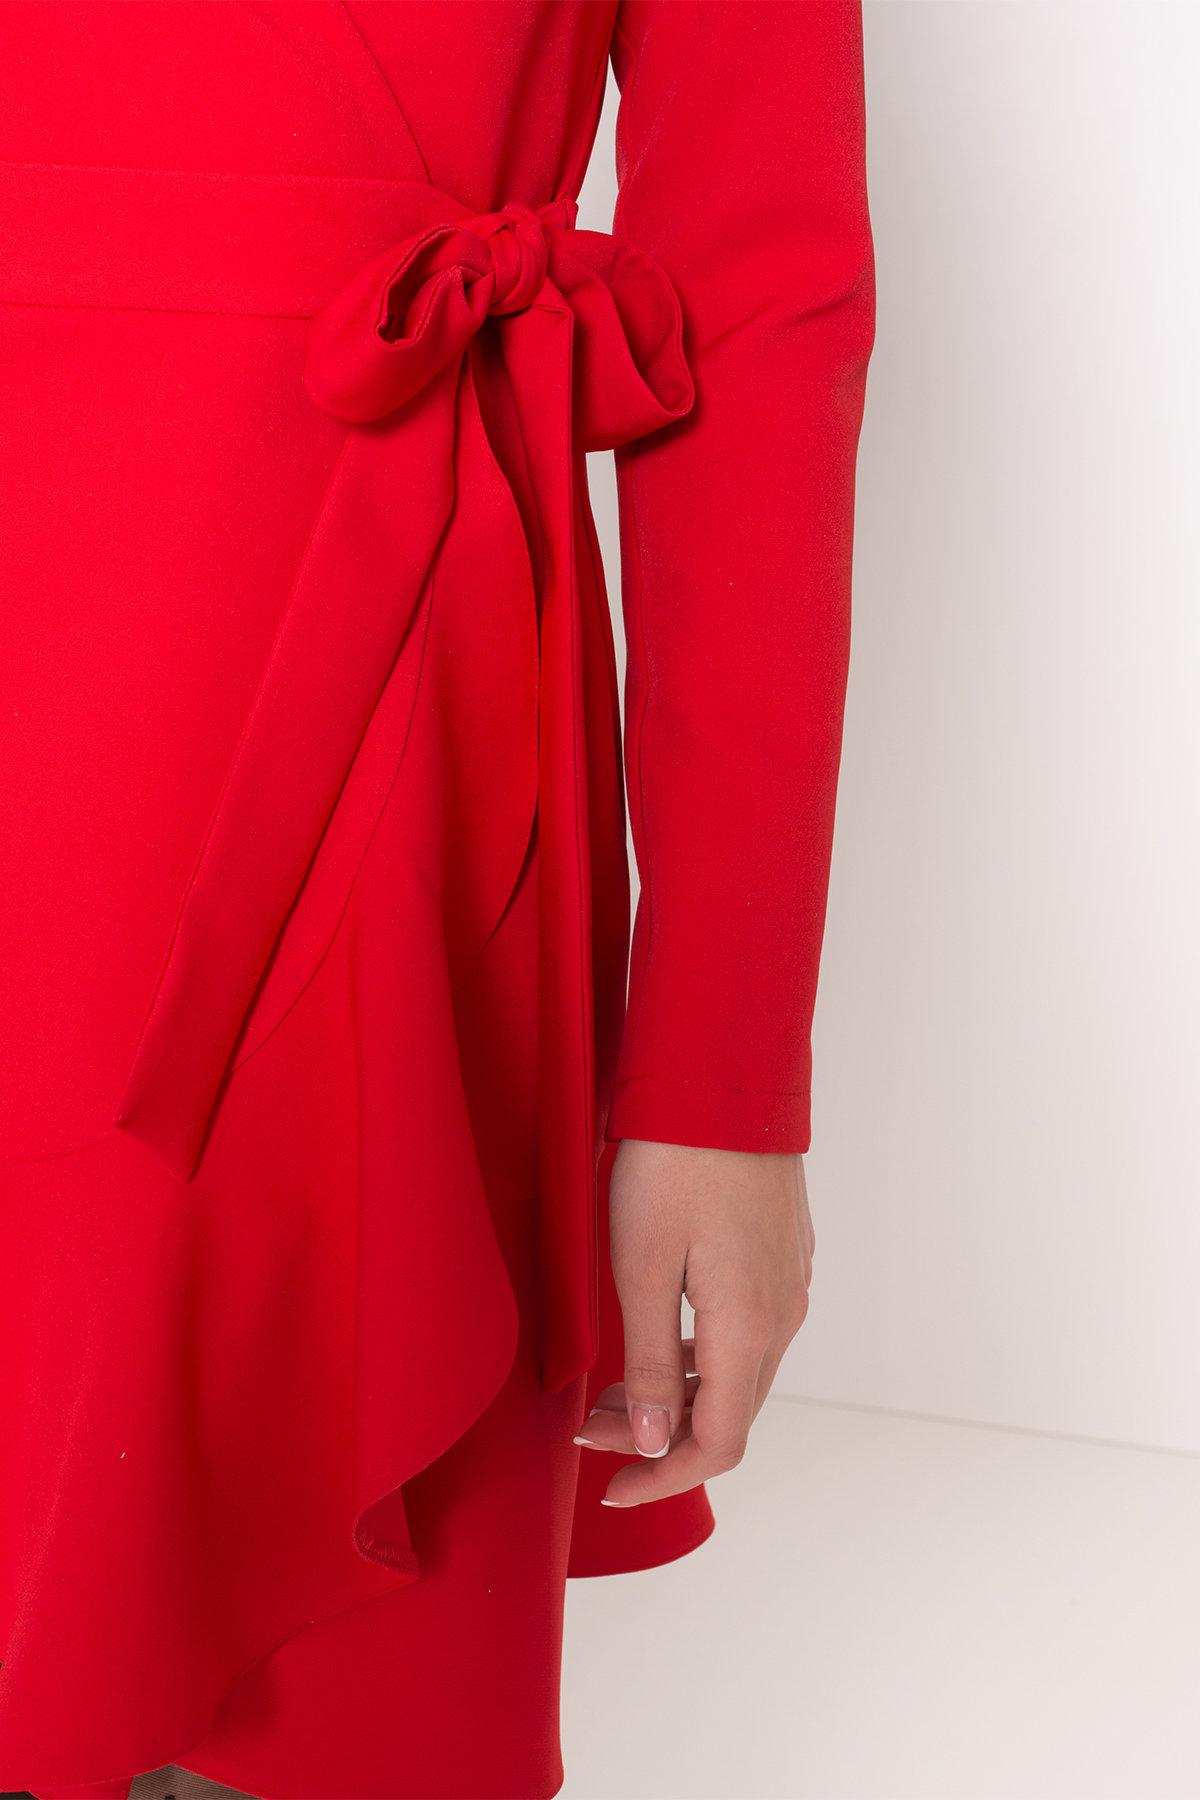 Однотонное платье на запах Фламенко 8336 АРТ. 44858 Цвет: Красный - фото 7, интернет магазин tm-modus.ru